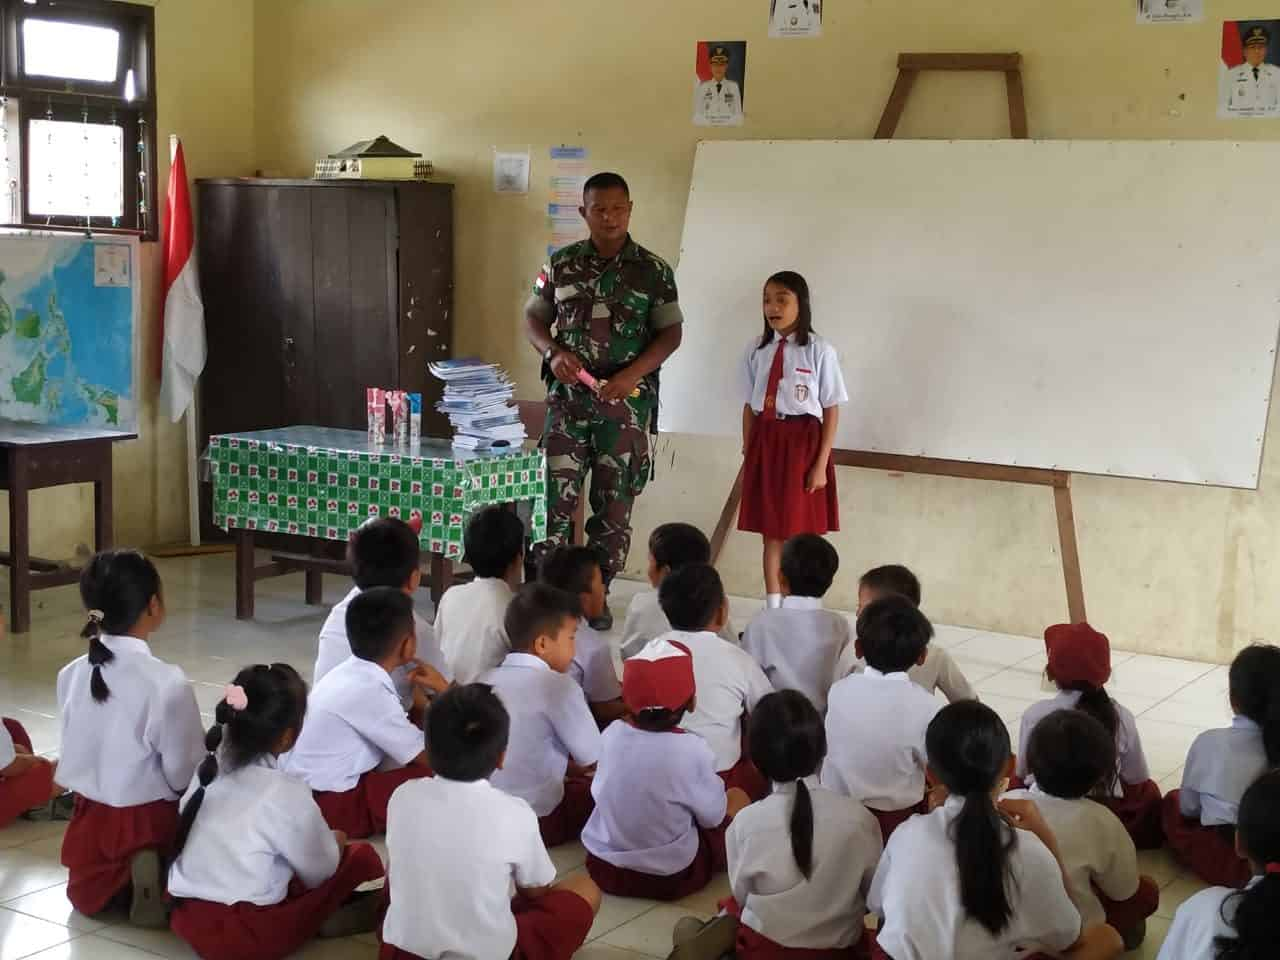 Bagikan Buku dan Alat Tulis, Yonif Raider 303 Dongkrak Semangat Belajar Anak di Perbatasan